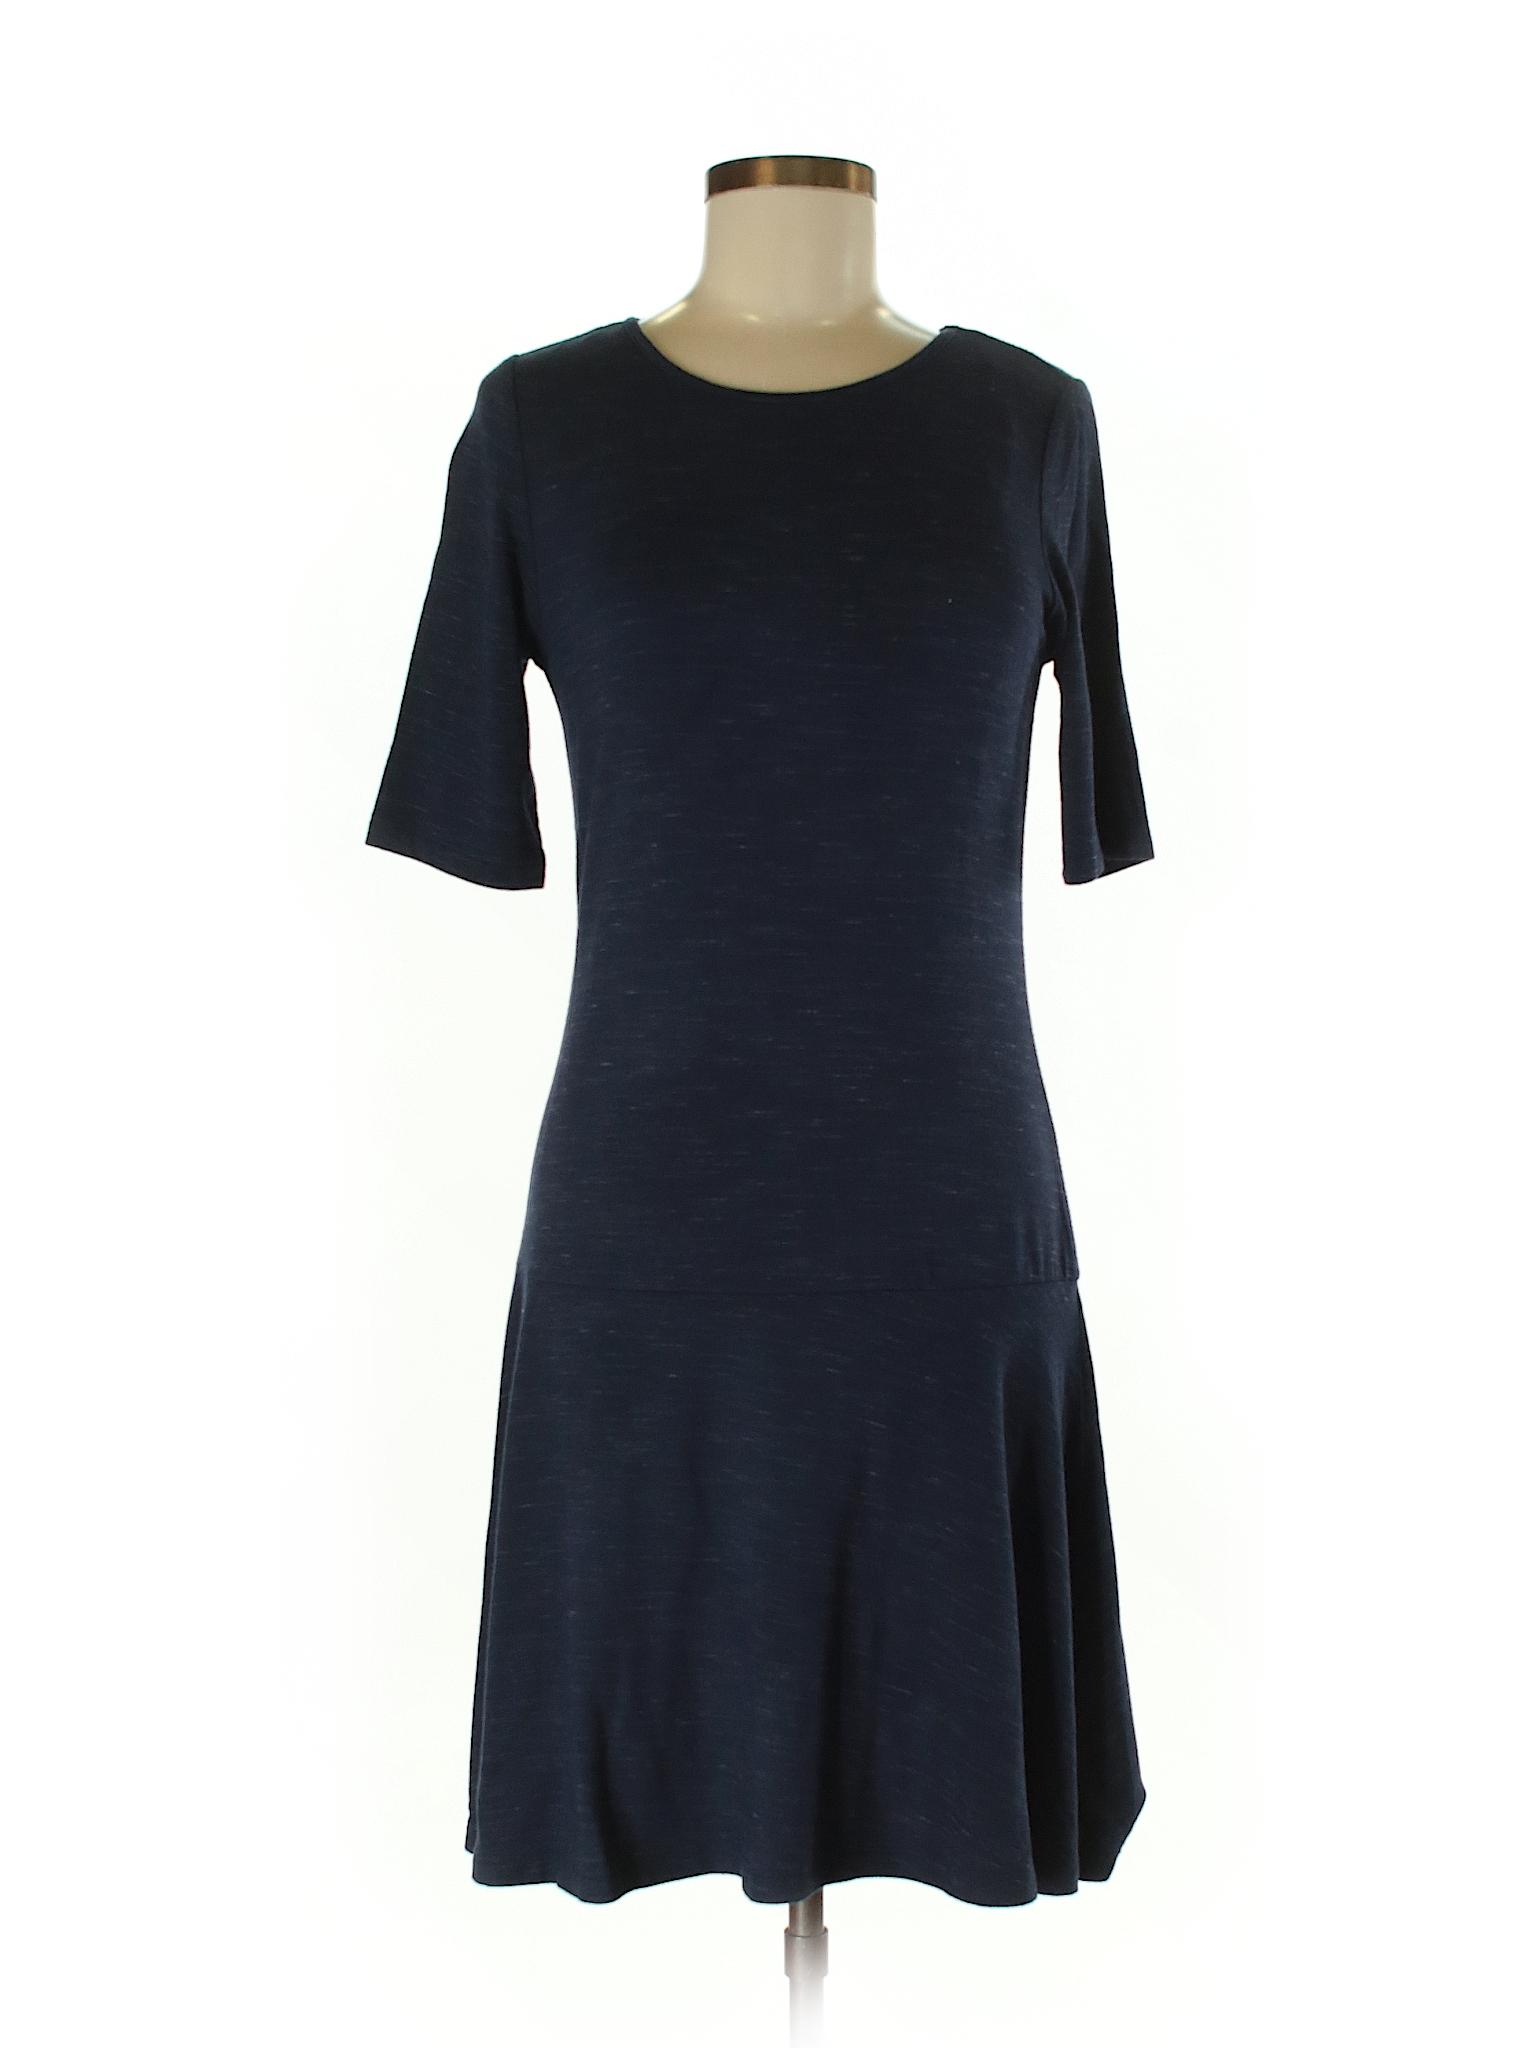 Selling dalia dalia Selling Casual Dress Selling Dress Casual Casual dalia Casual dalia dalia Casual Selling Selling Dress Dress 7SwwYqA